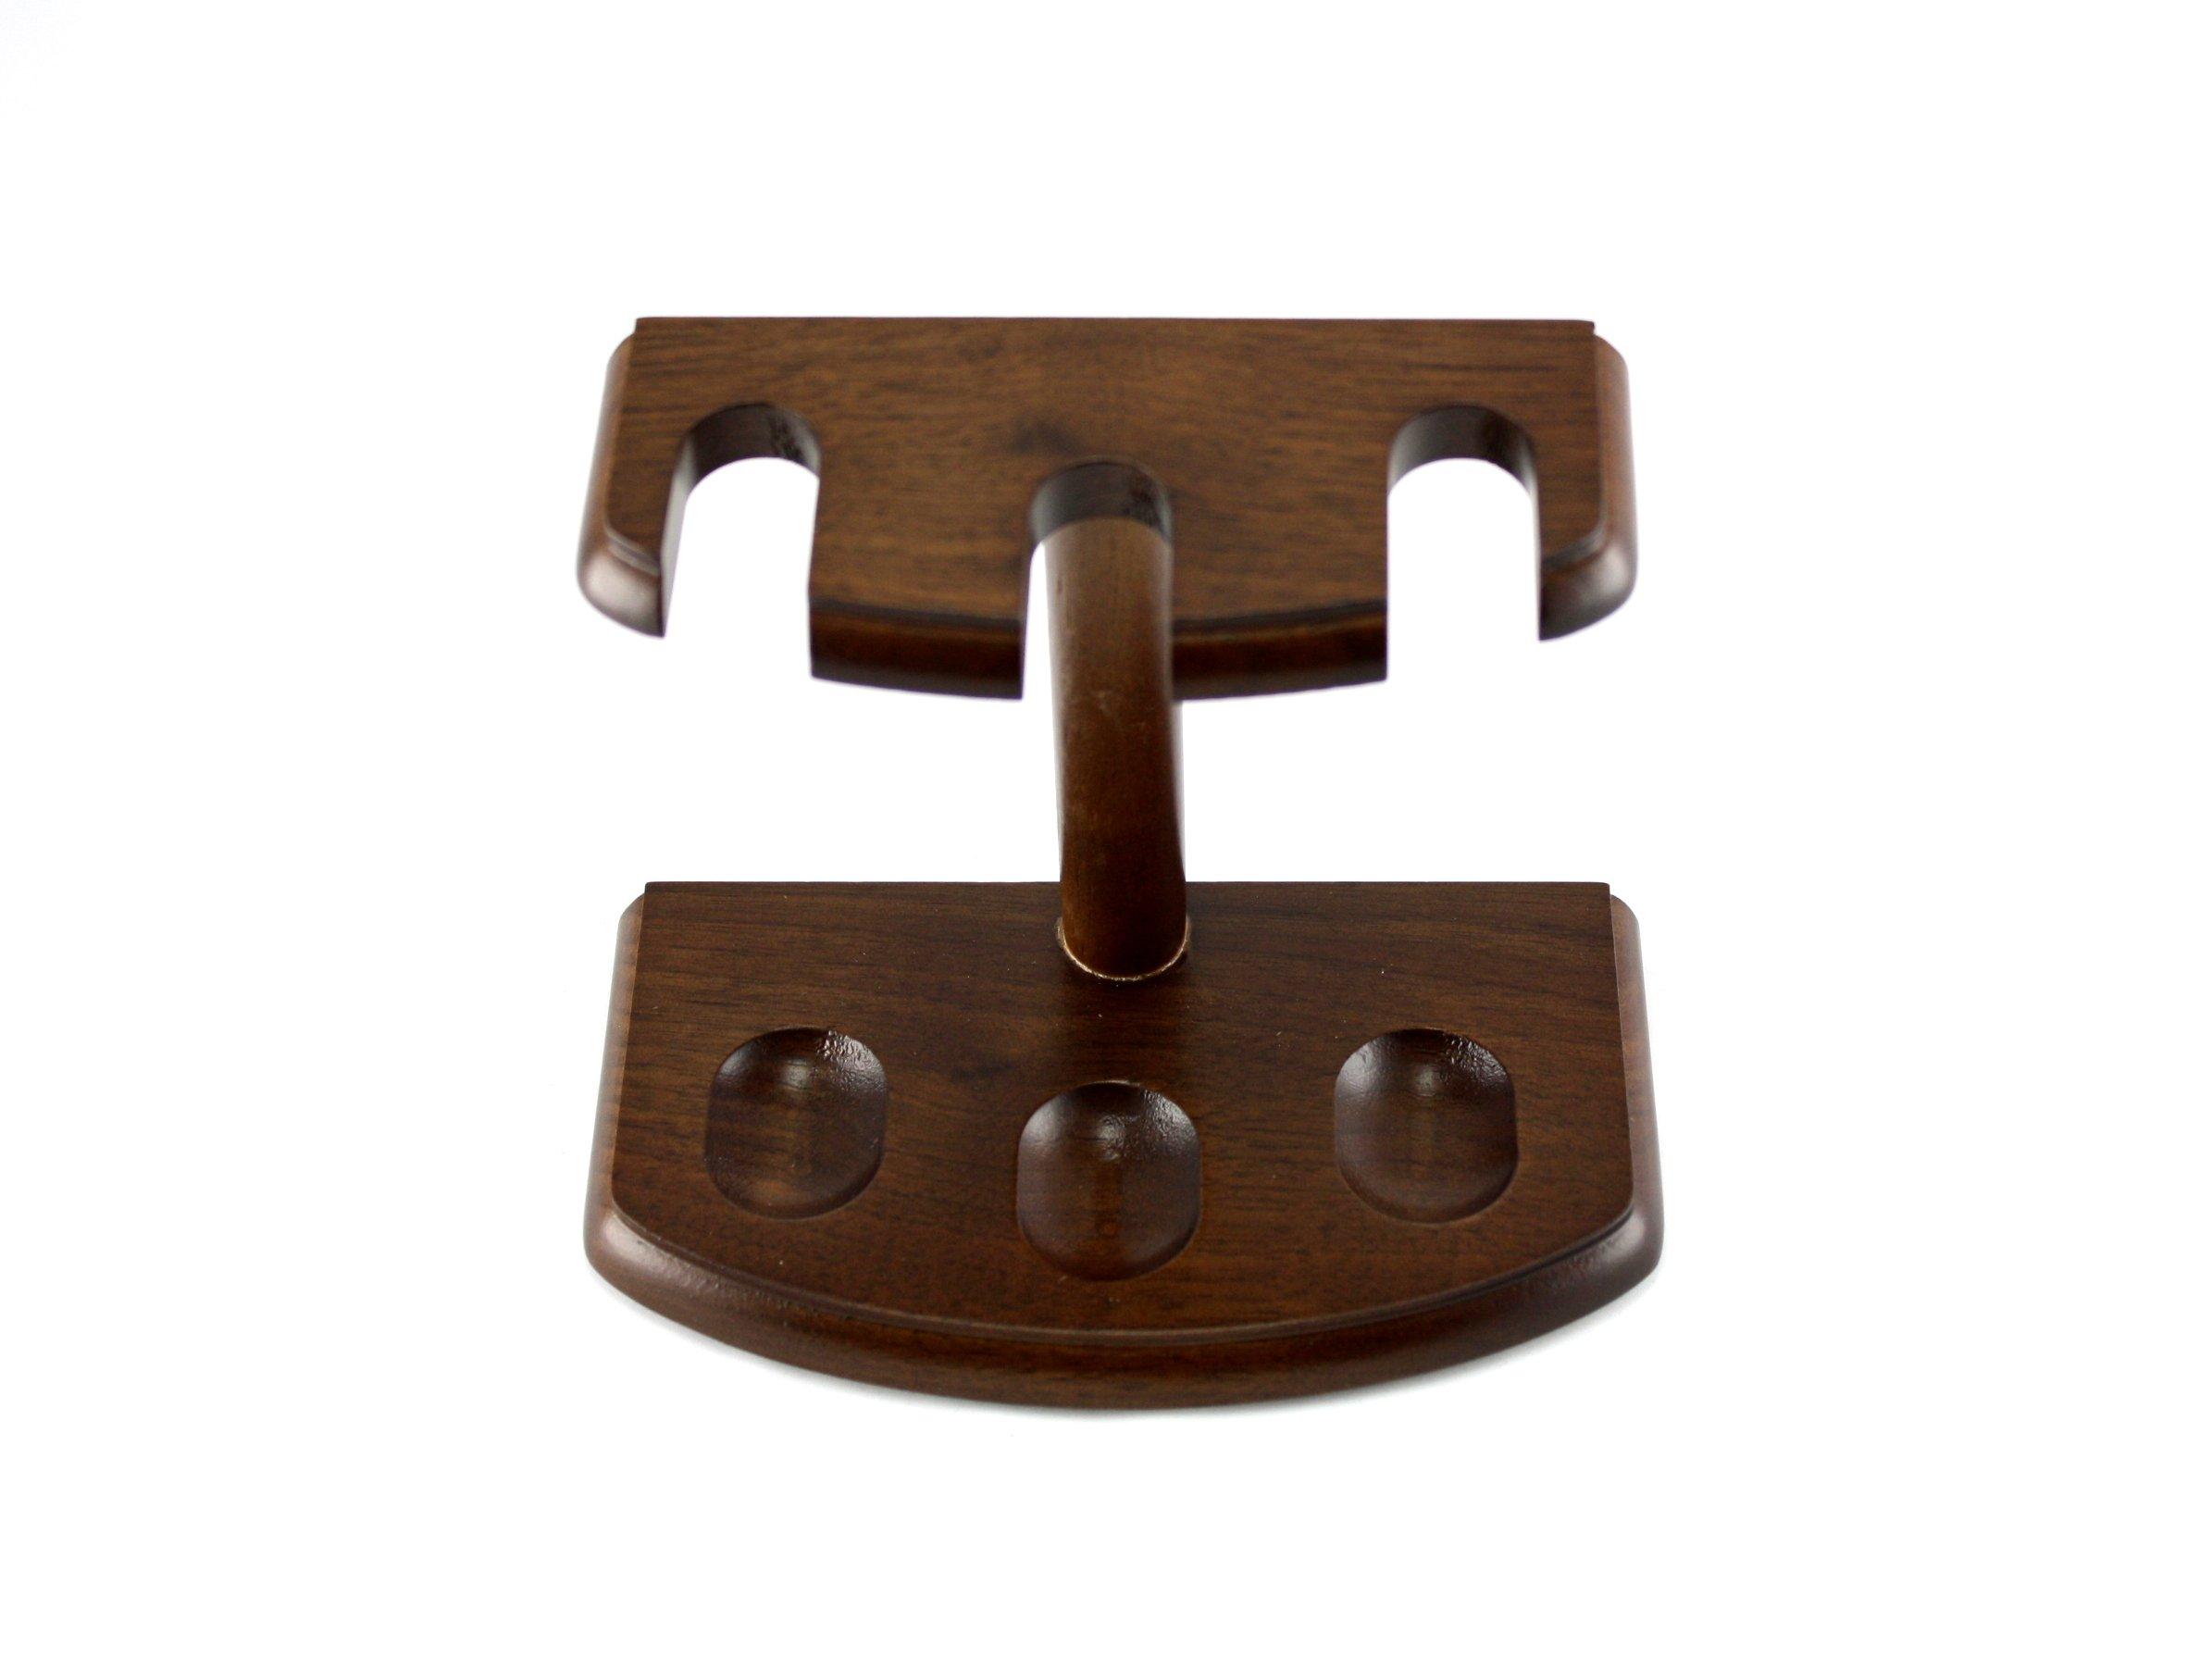 Skyway 3 Pipe Wood Tobacco Pipe Stand Rack Holder - Dark Brown